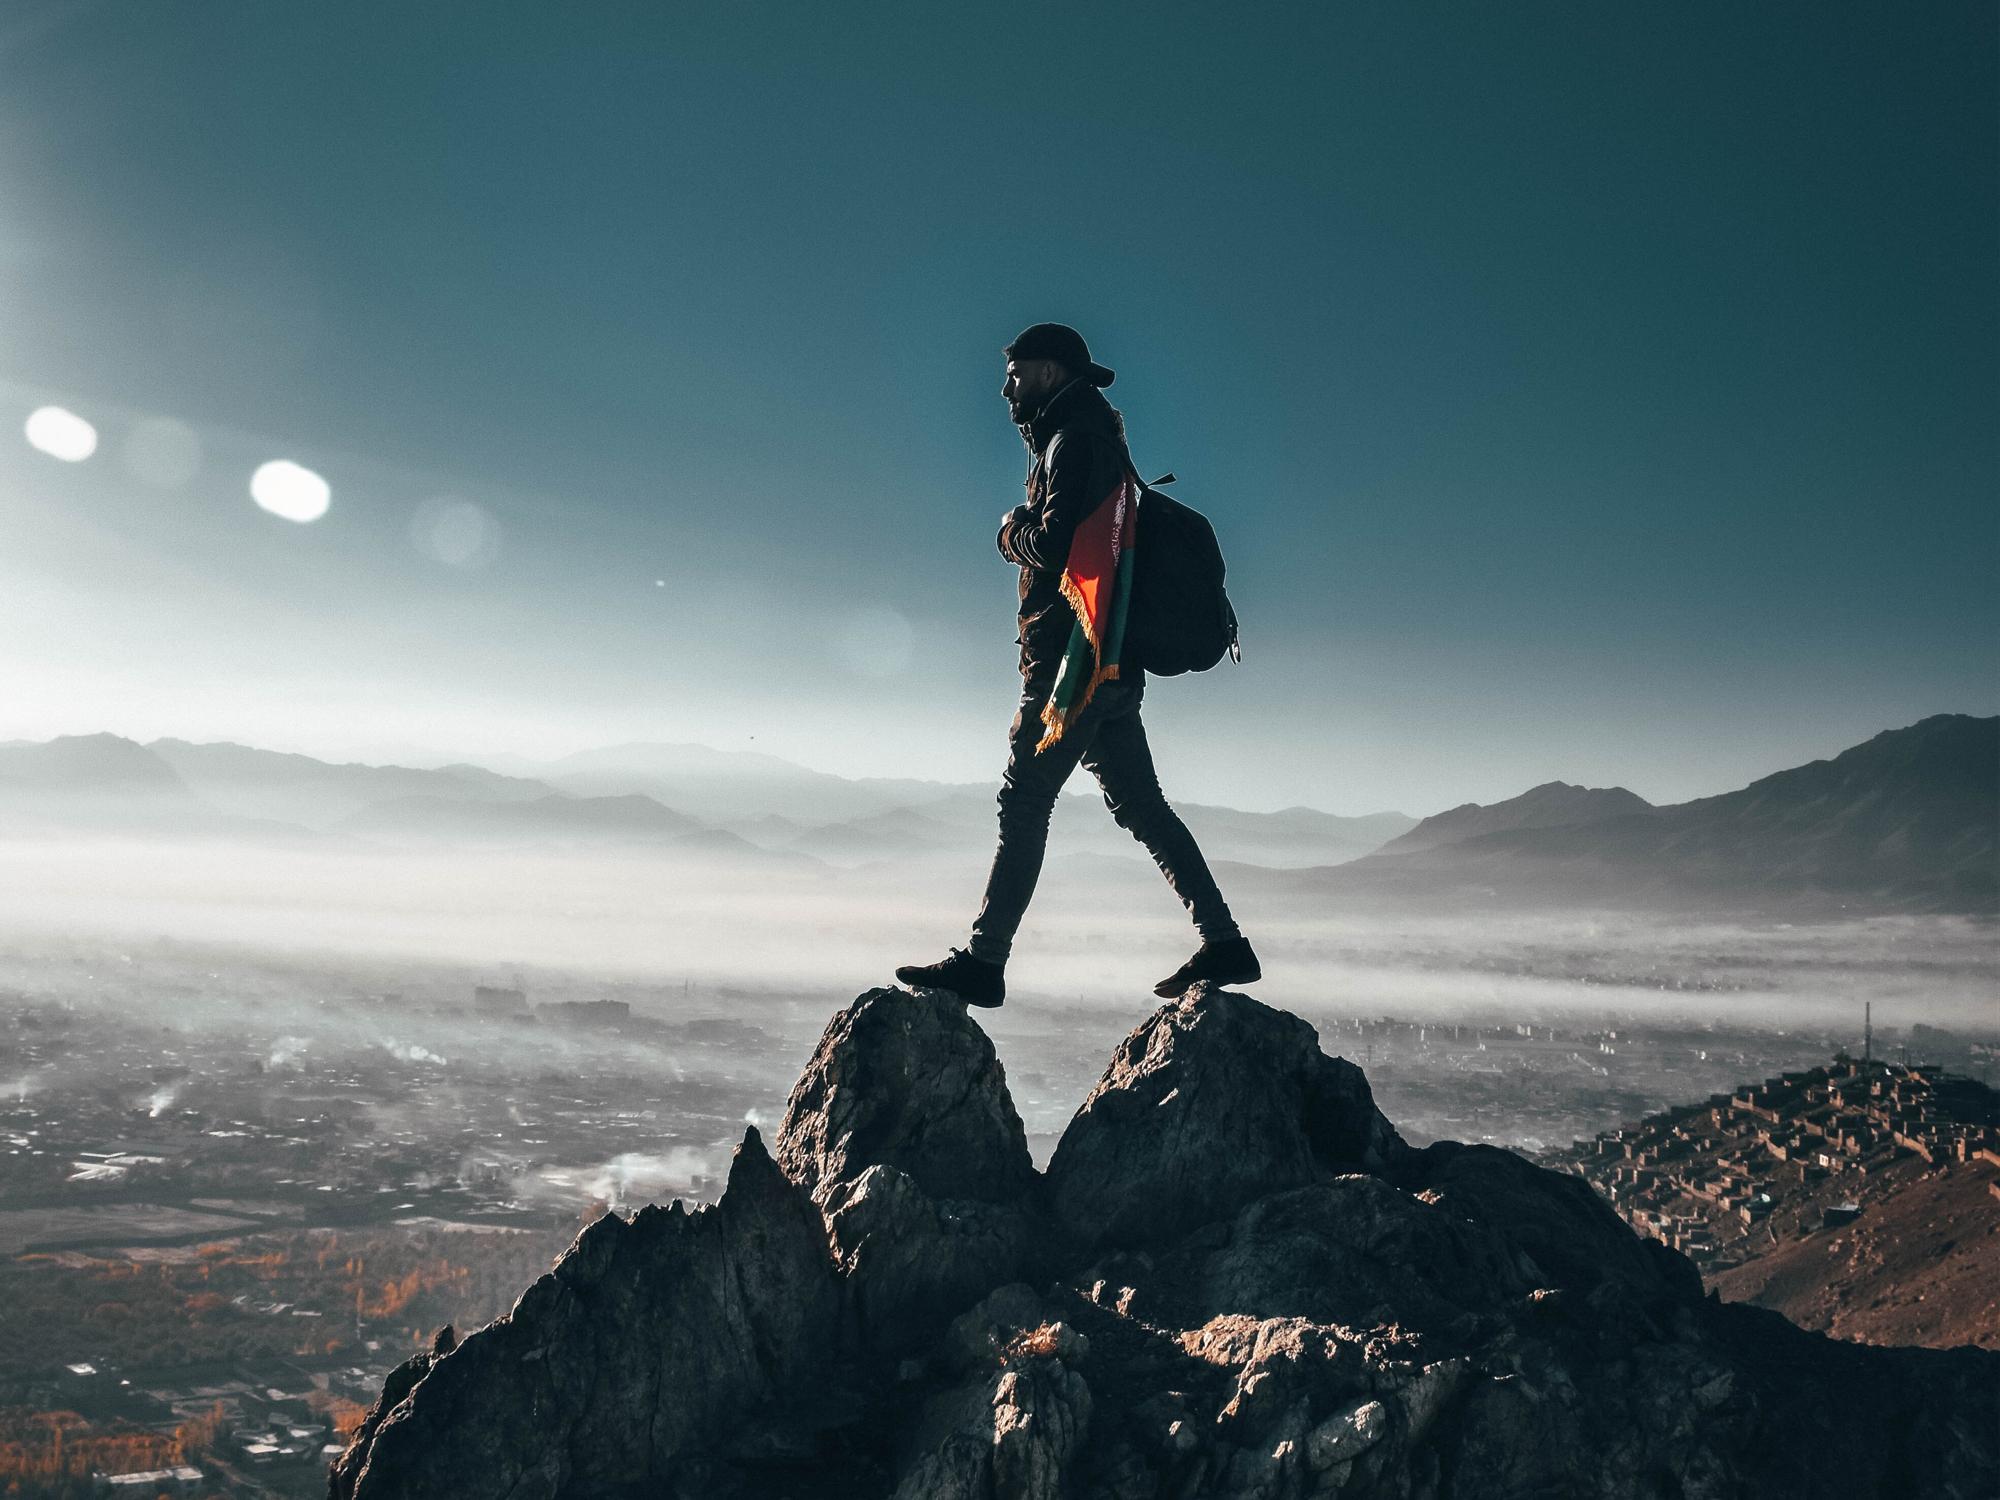 Comment continuer ses objectifs même en période difficile